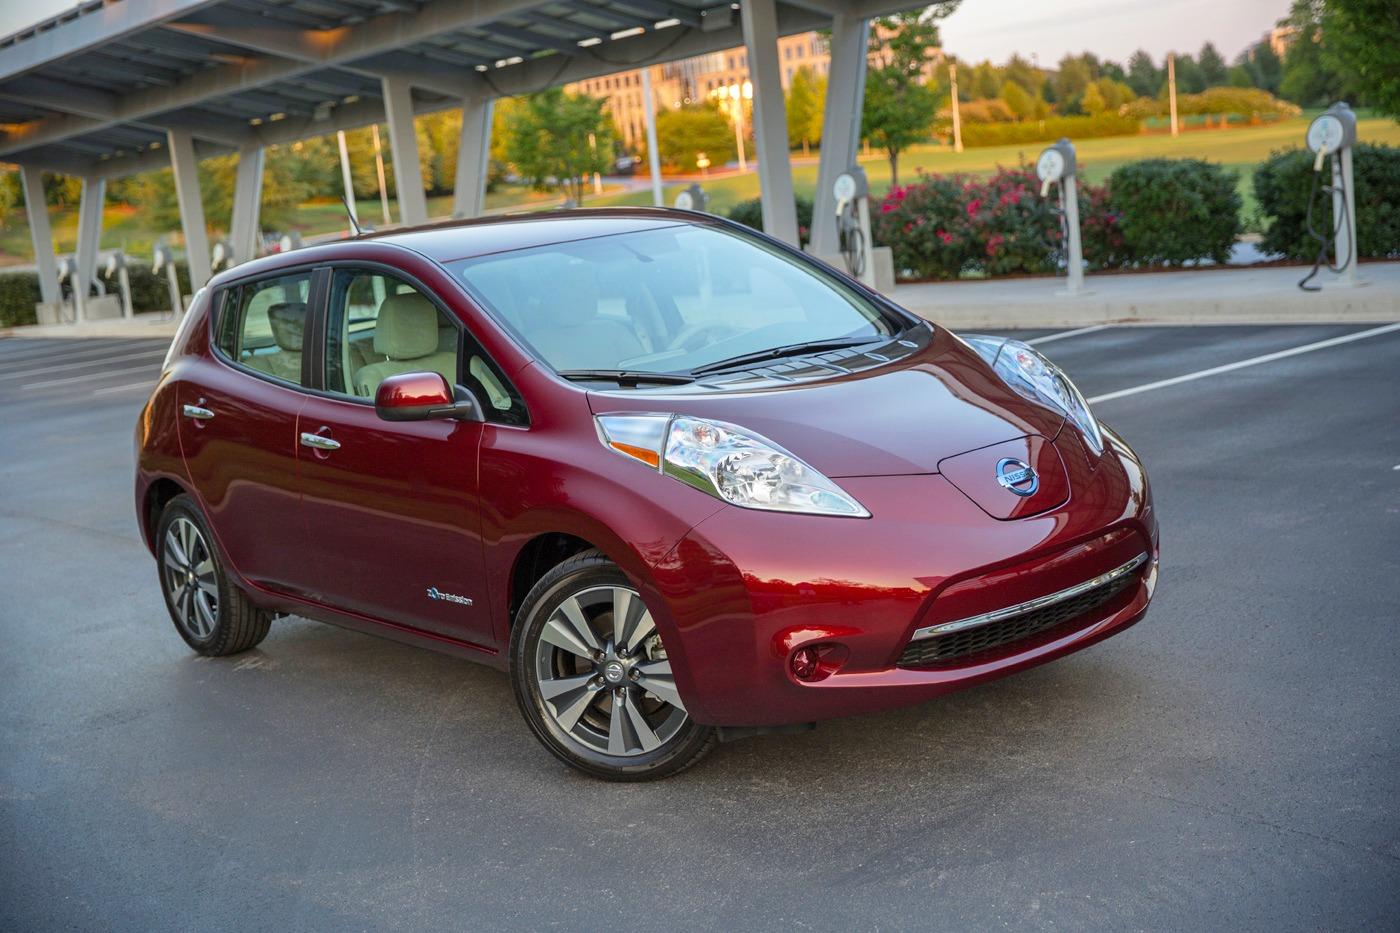 nissans autonomous qashqai arrives on s technology nissan lint news the pocket create propilot cars